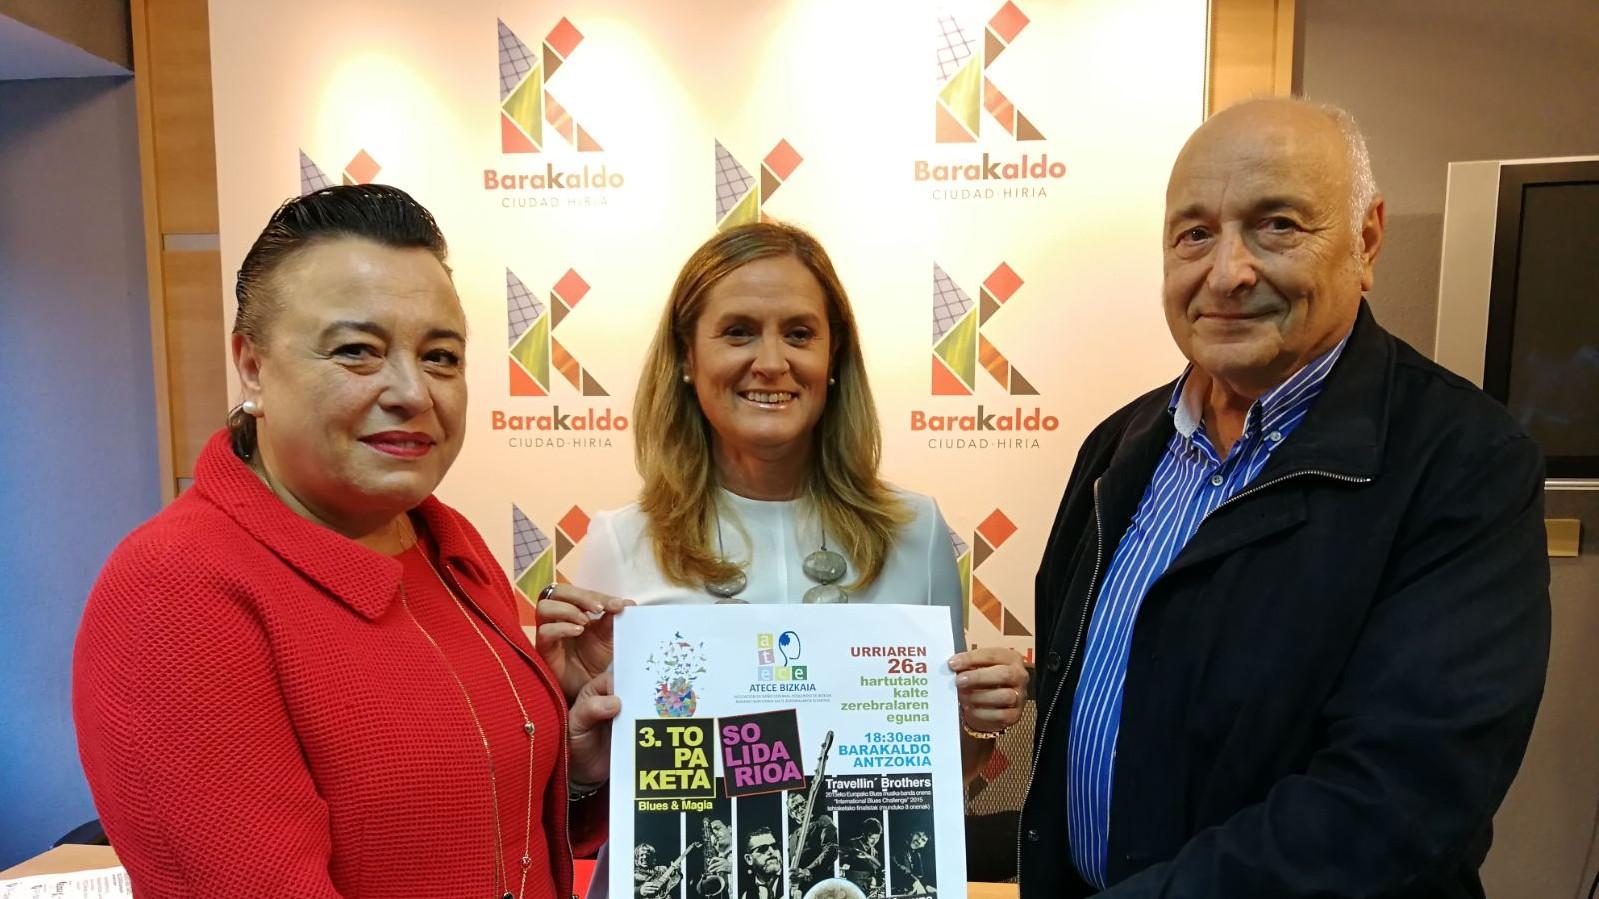 Isabel Sánchez Robles, Amaia del Campo y José Luis Esteban